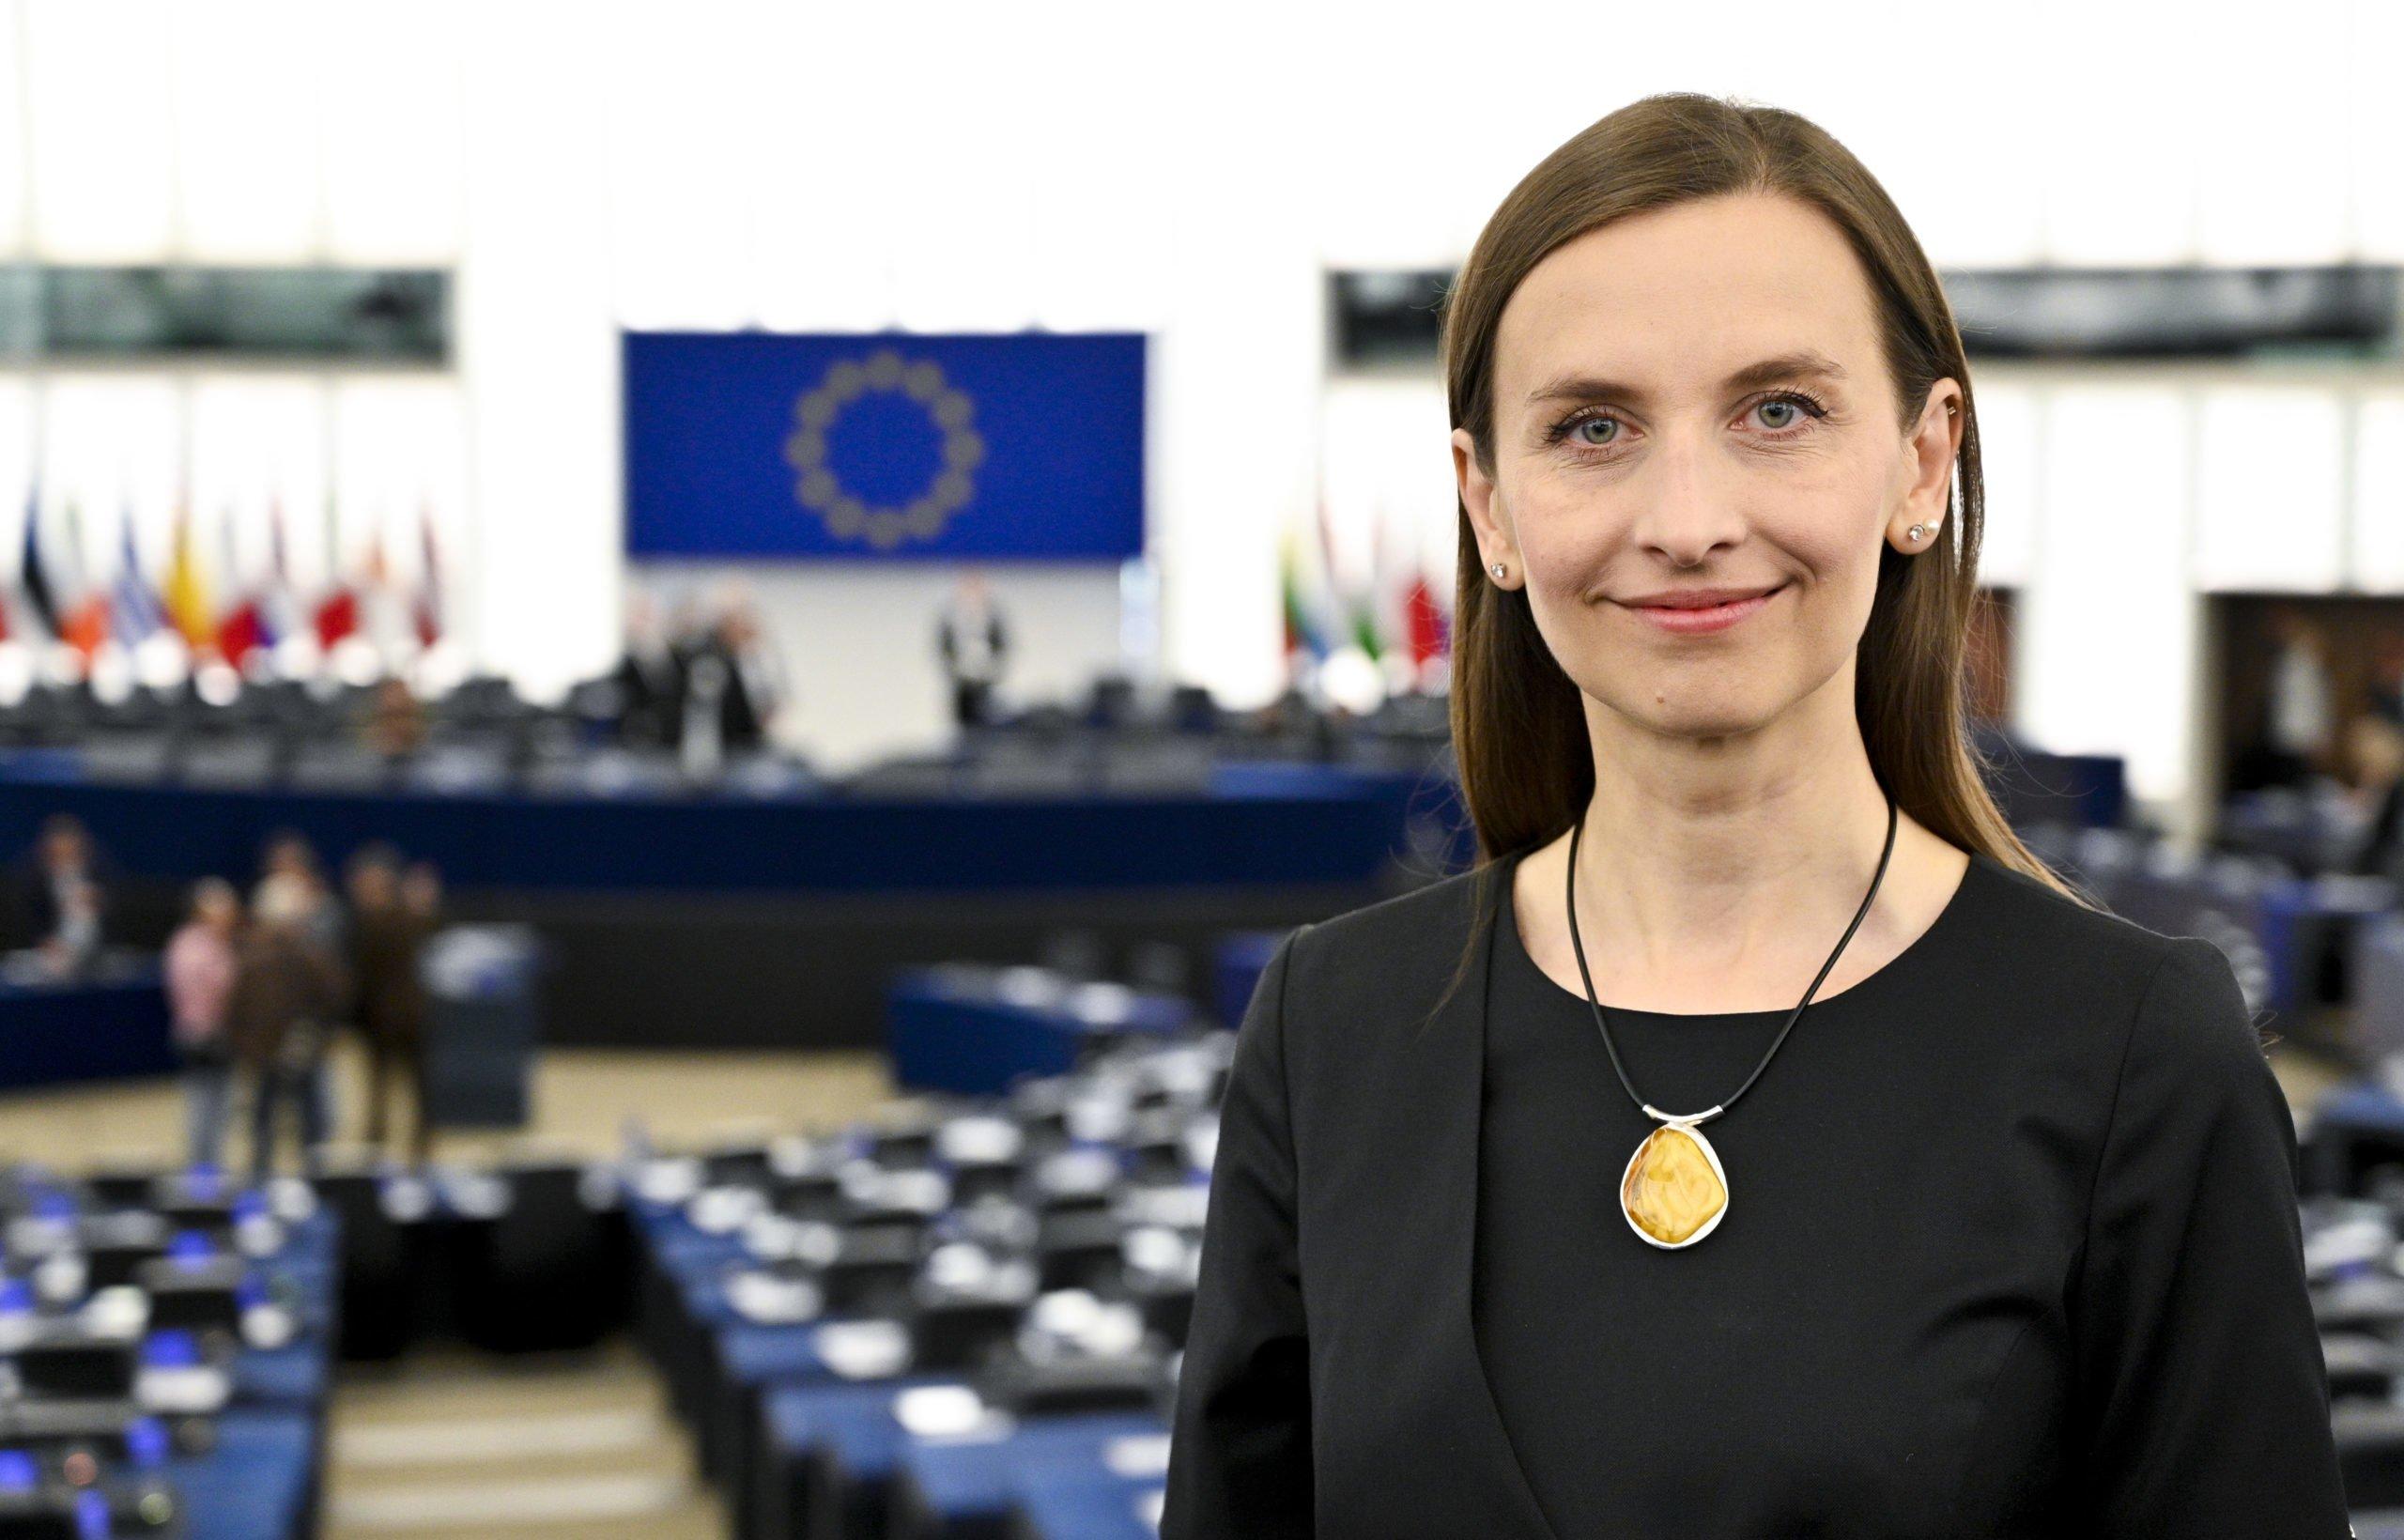 Posłanka Sylwia Spurek chce wprowadzenia zakazu wędkarstwa. W całej UE